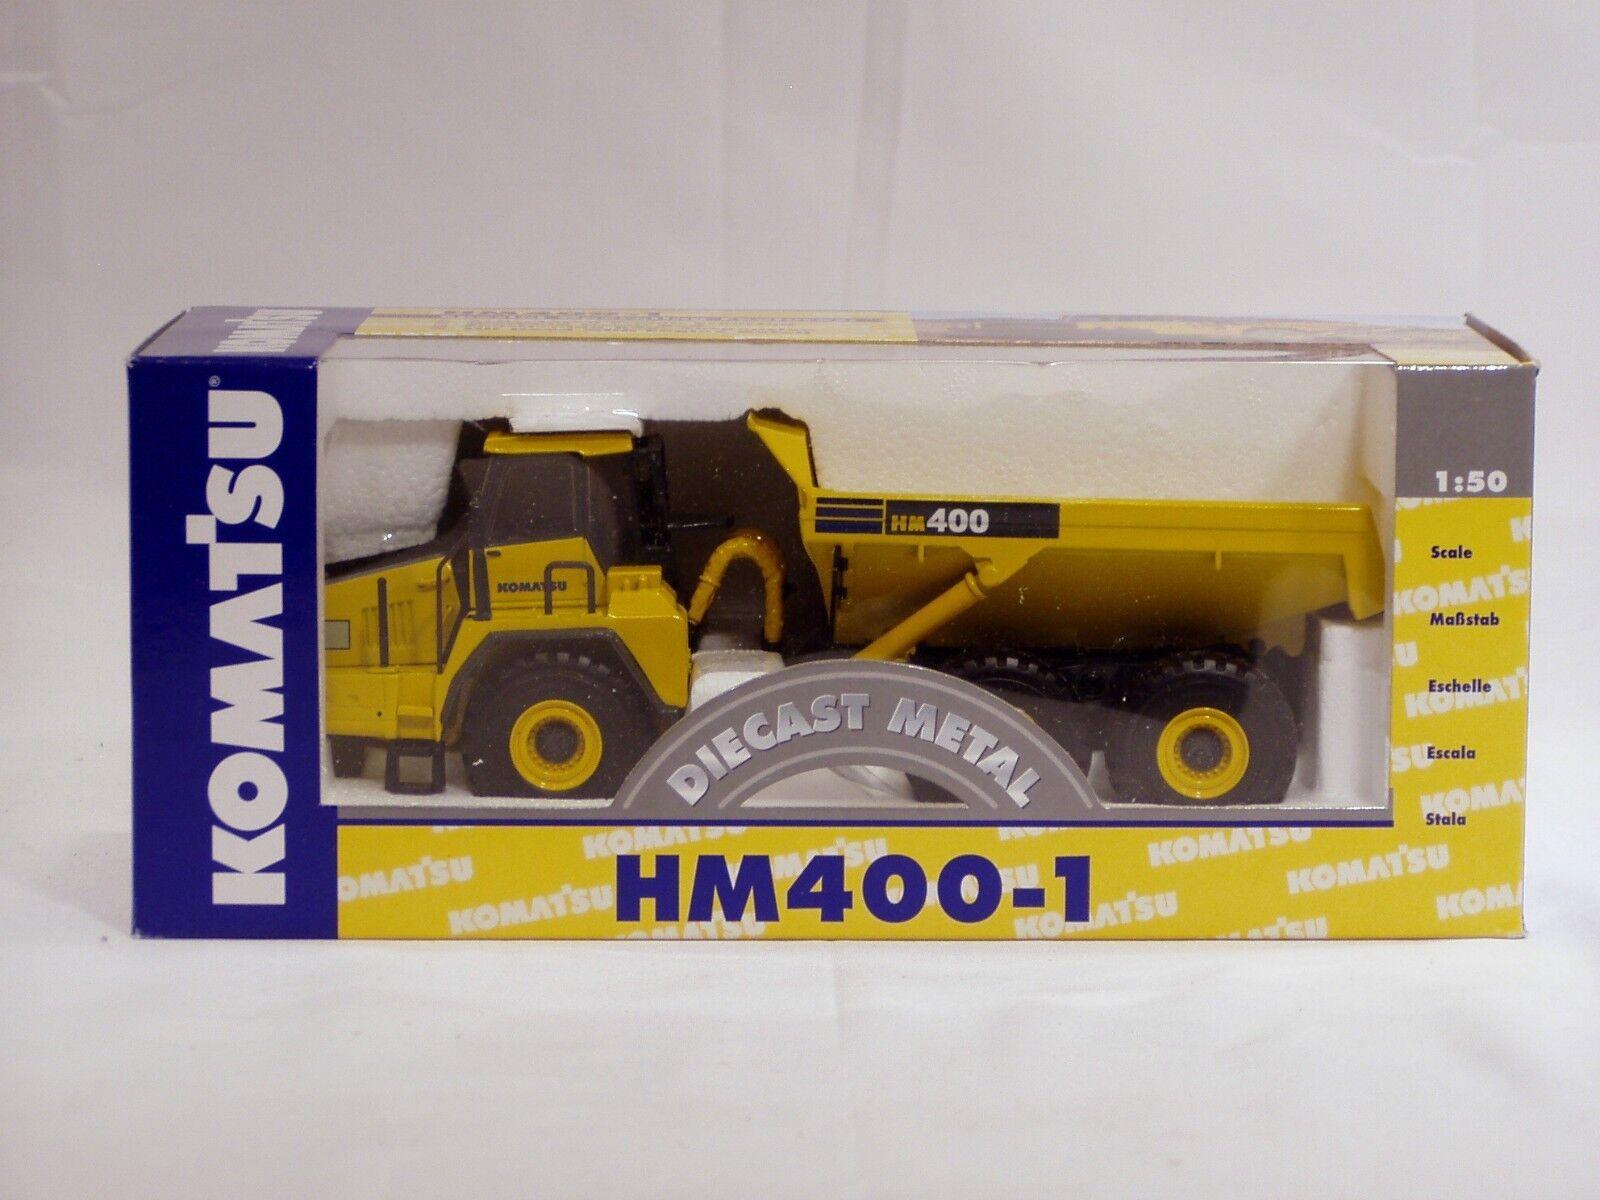 alta calidad Komatsu HM400-1 Camión - 1 50 - - - DCP  40014 - Nuevo  mejor calidad